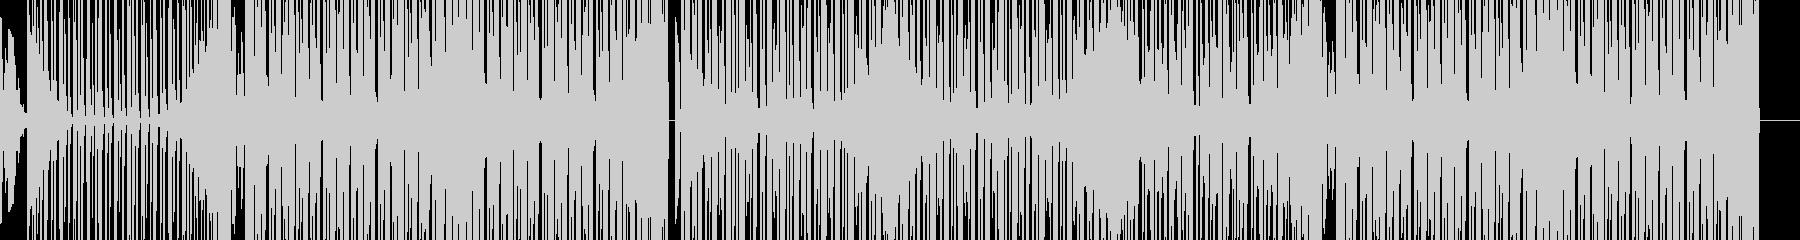 森イメージのダンス系EDMの未再生の波形